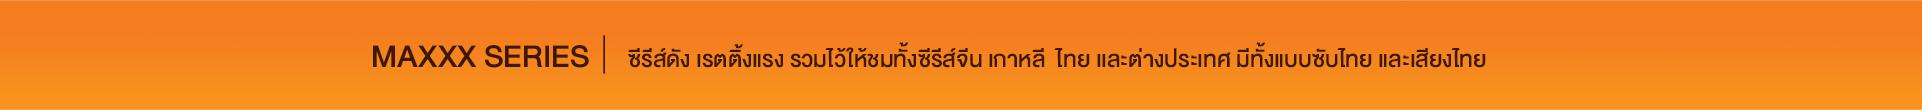 ซีรี่ส์ดังเรตติ้งแรง รวมไว้ให้ชมทั้งซีรี่ส์จีน เกาหลี ไทย และ ต่างประเทศ มีทั้งแบบซับไทย และเสียงไทย